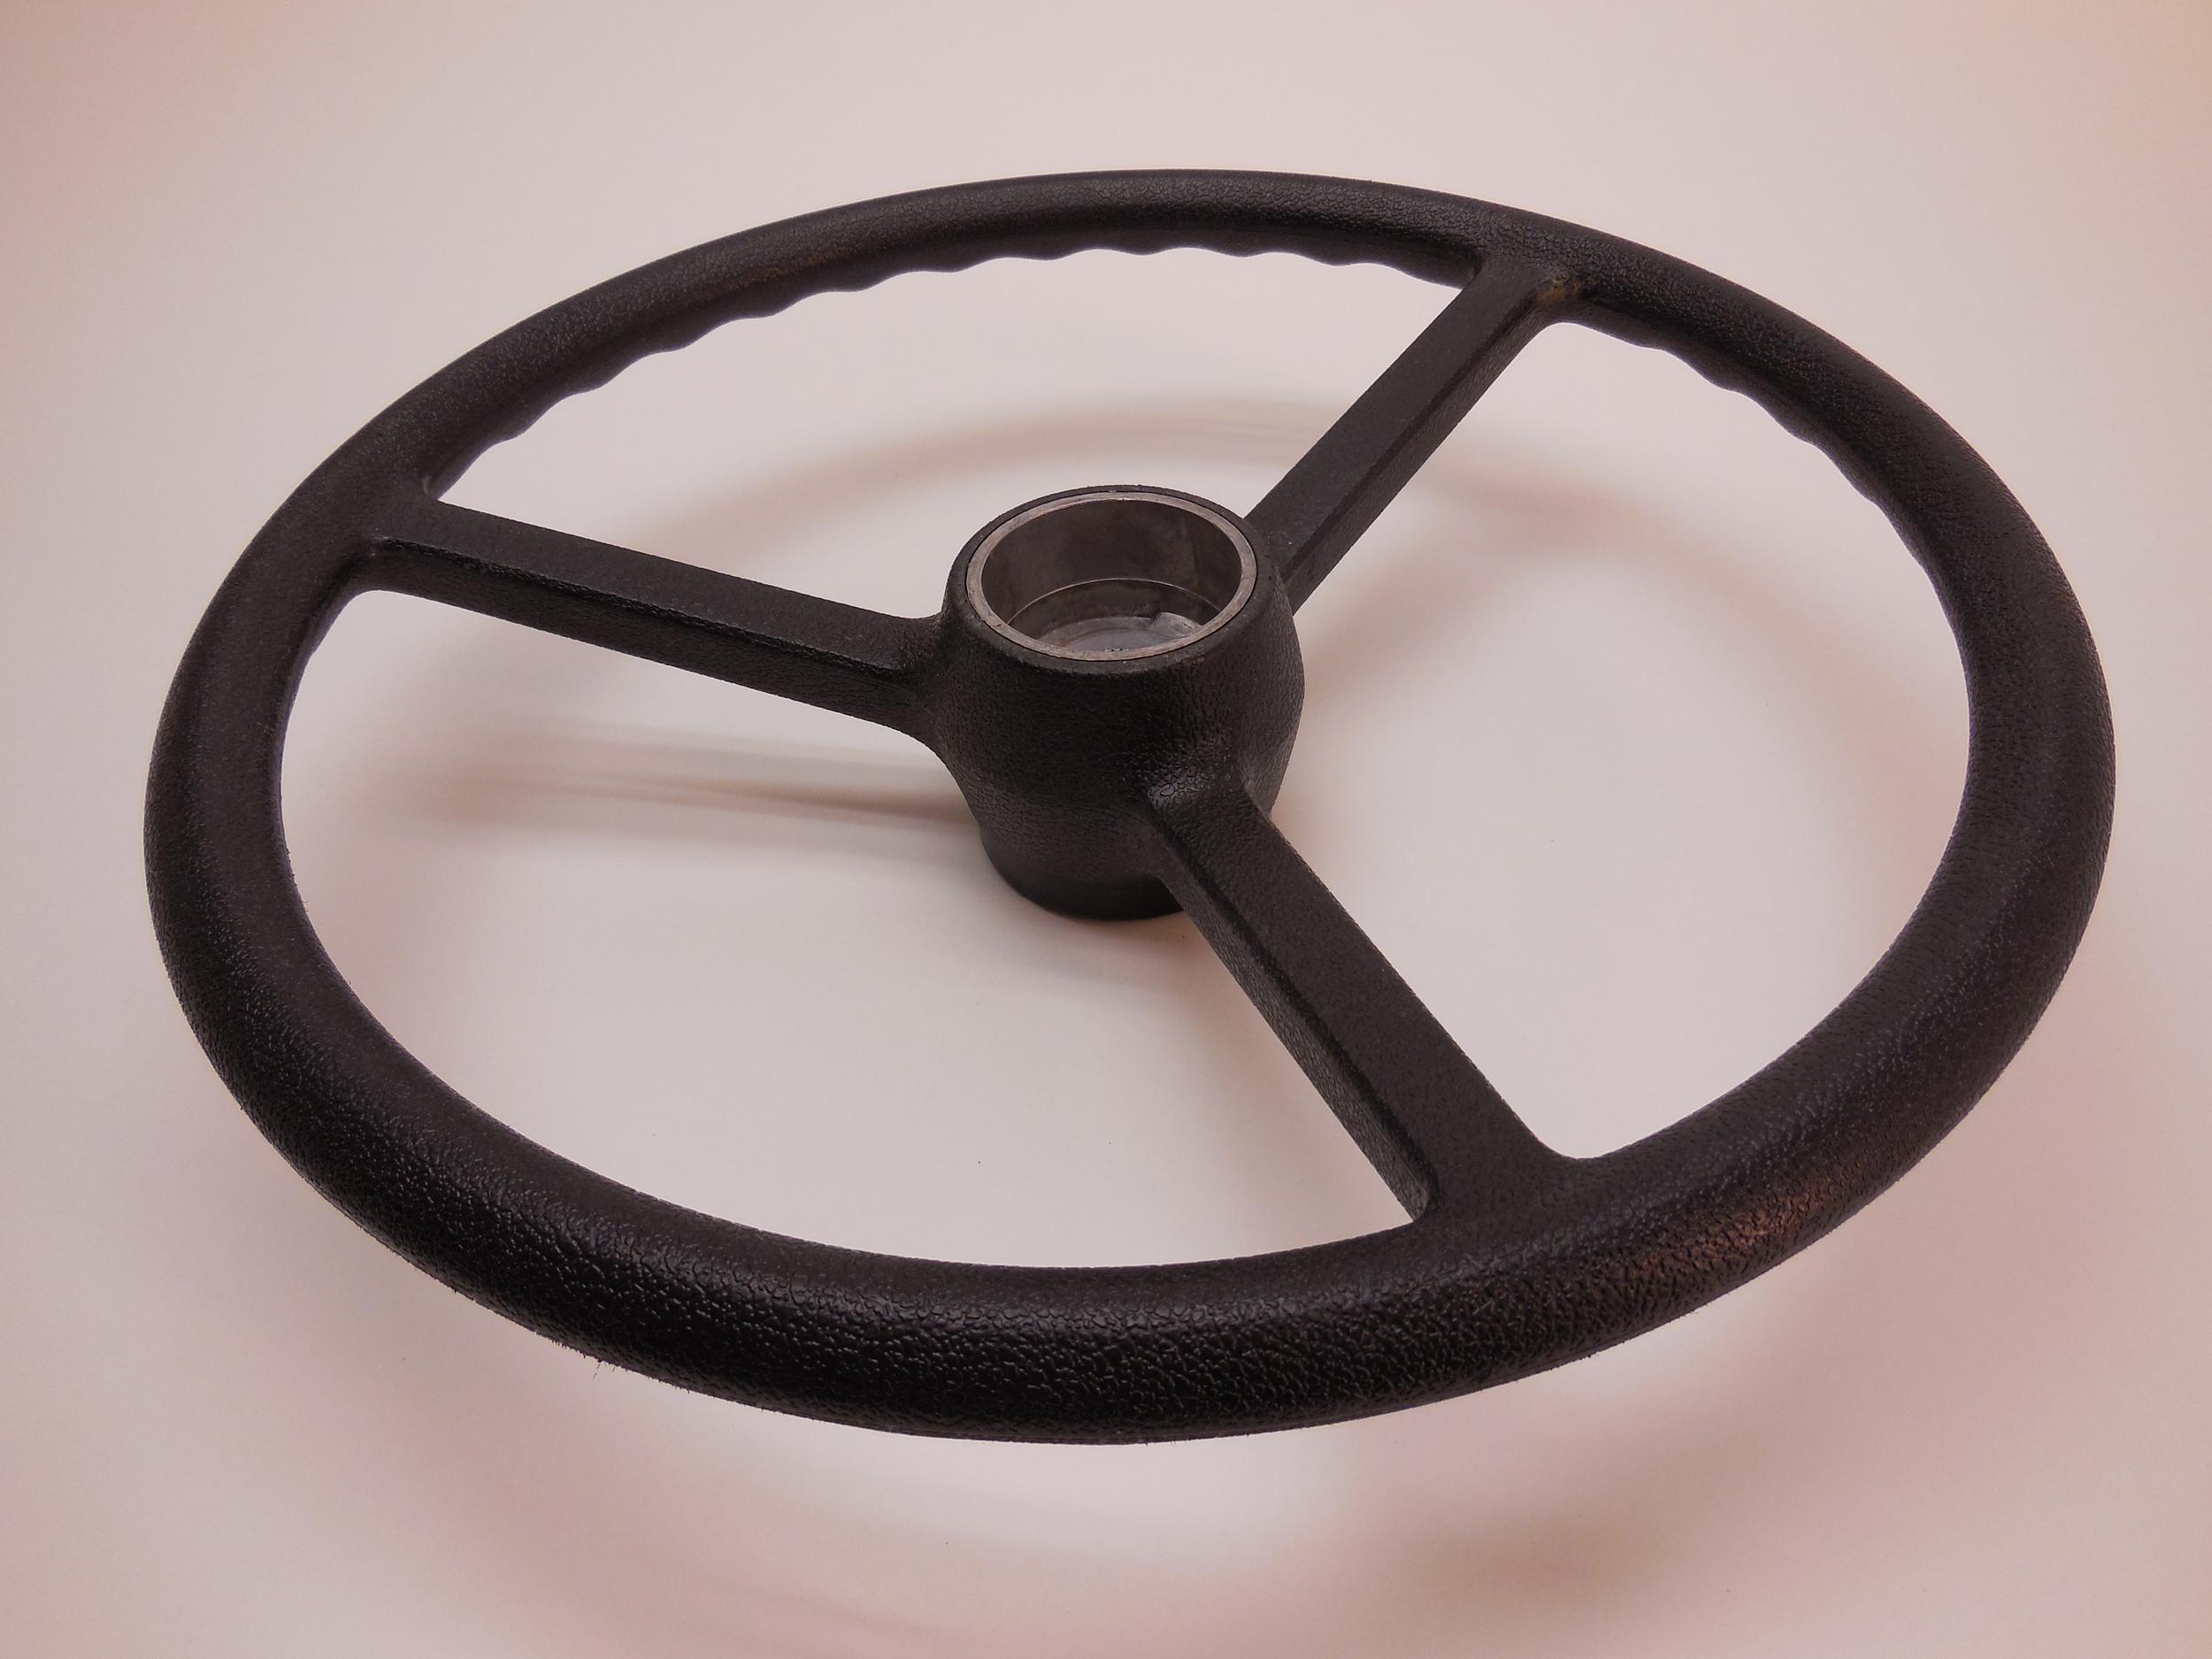 Steering Wheel Häggo Nr: 2188 4142-350 price: 1650 sek